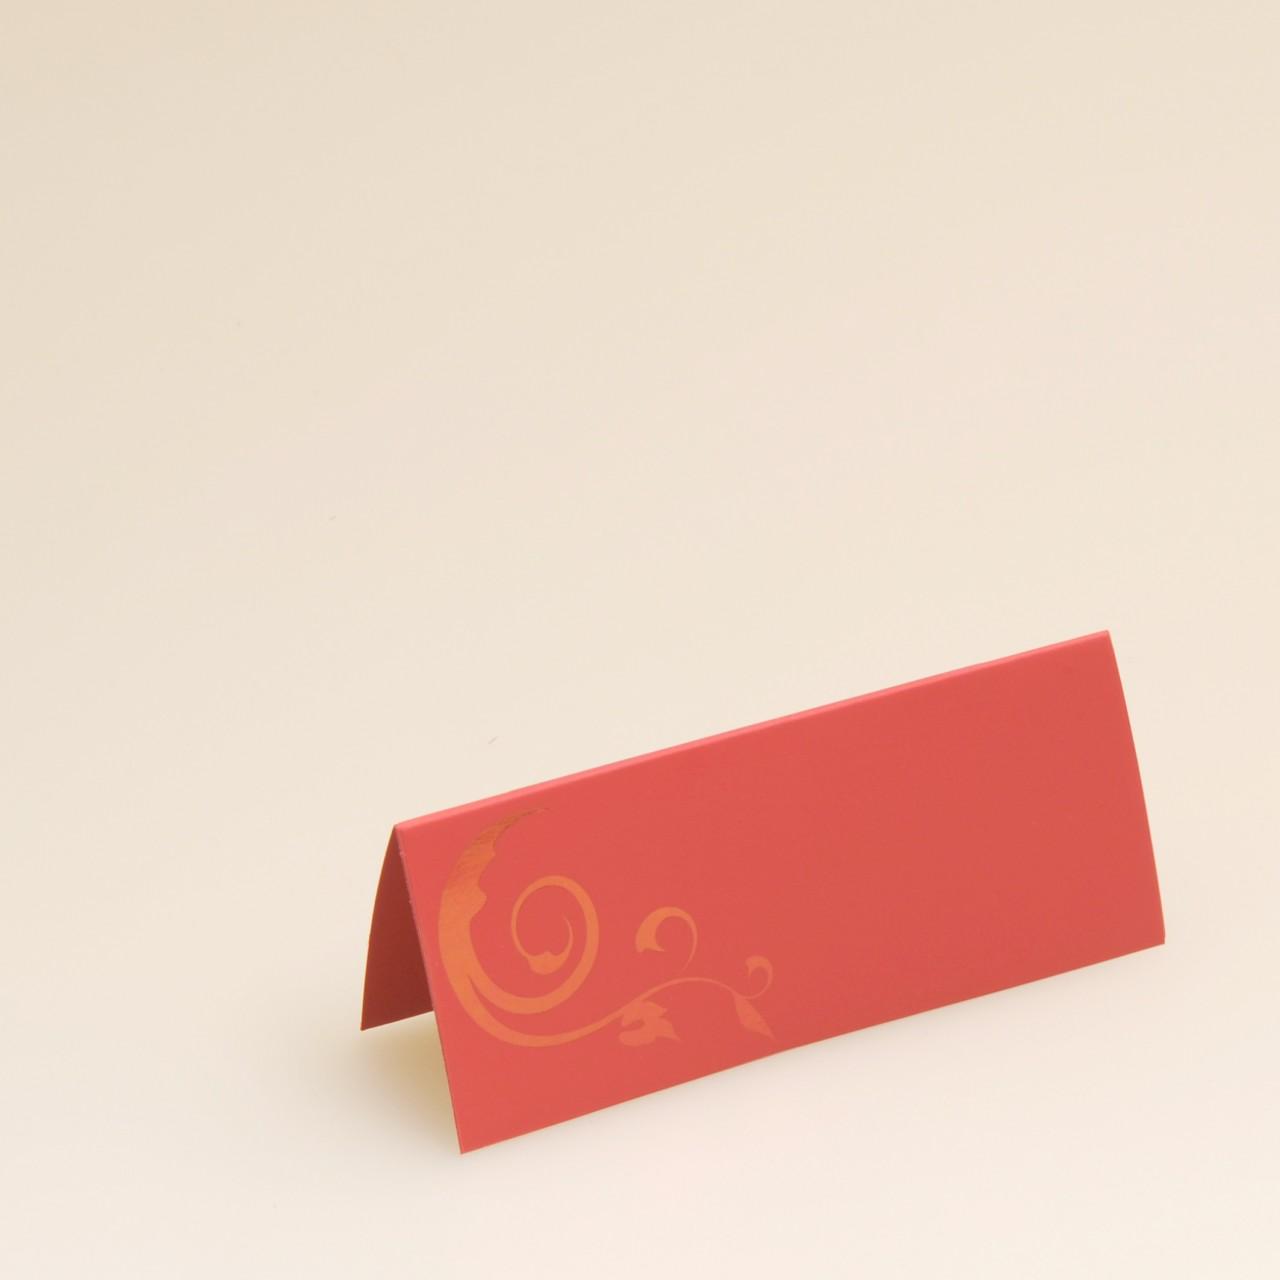 Rote Tischkarte mit foliengeprägter Ranke